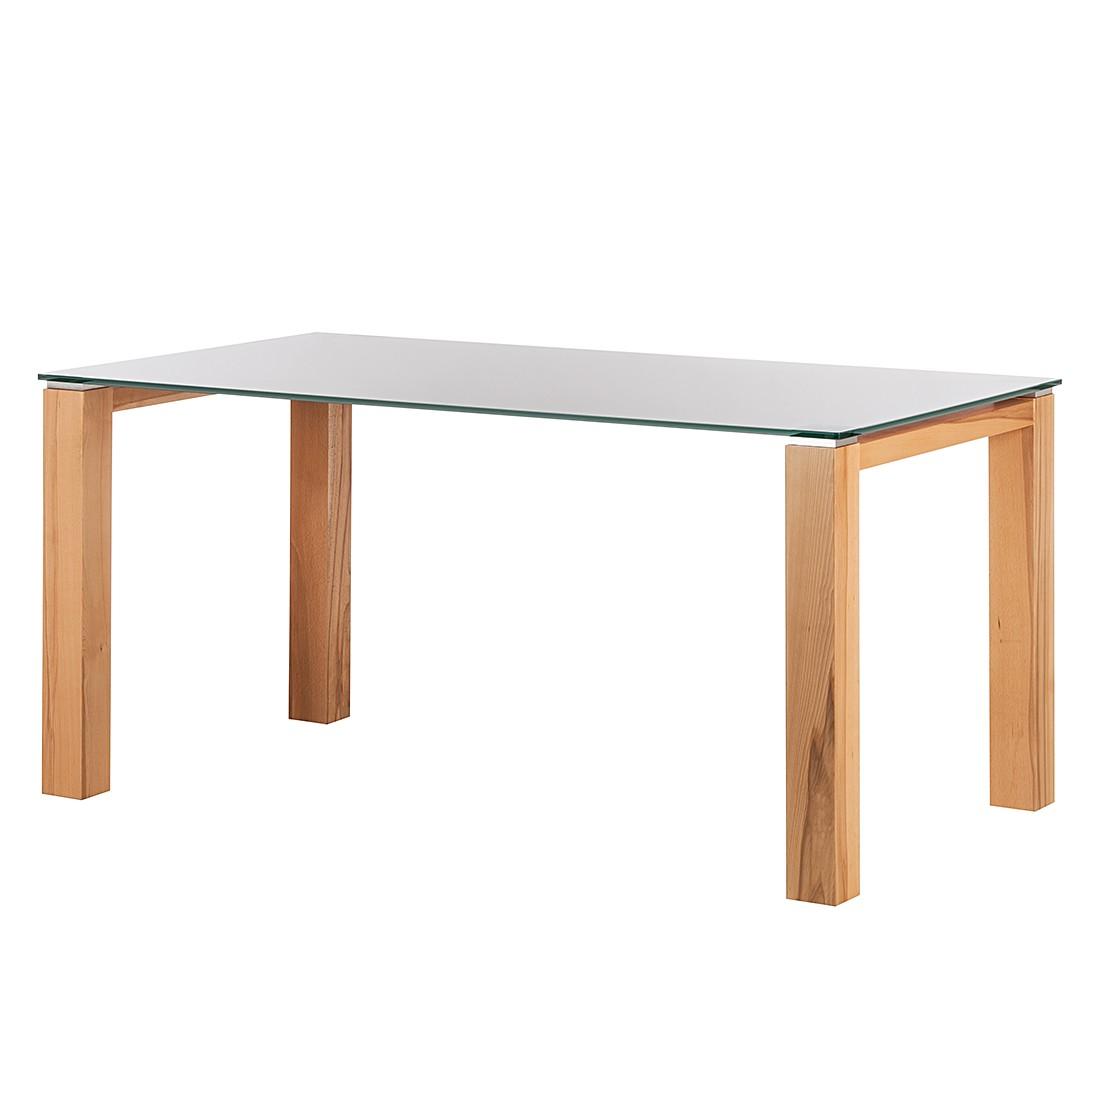 Glastisch Palma – Weiß lackiertes Glas/Kernbuche furniert – 200 x 100 cm, Niehoff online kaufen